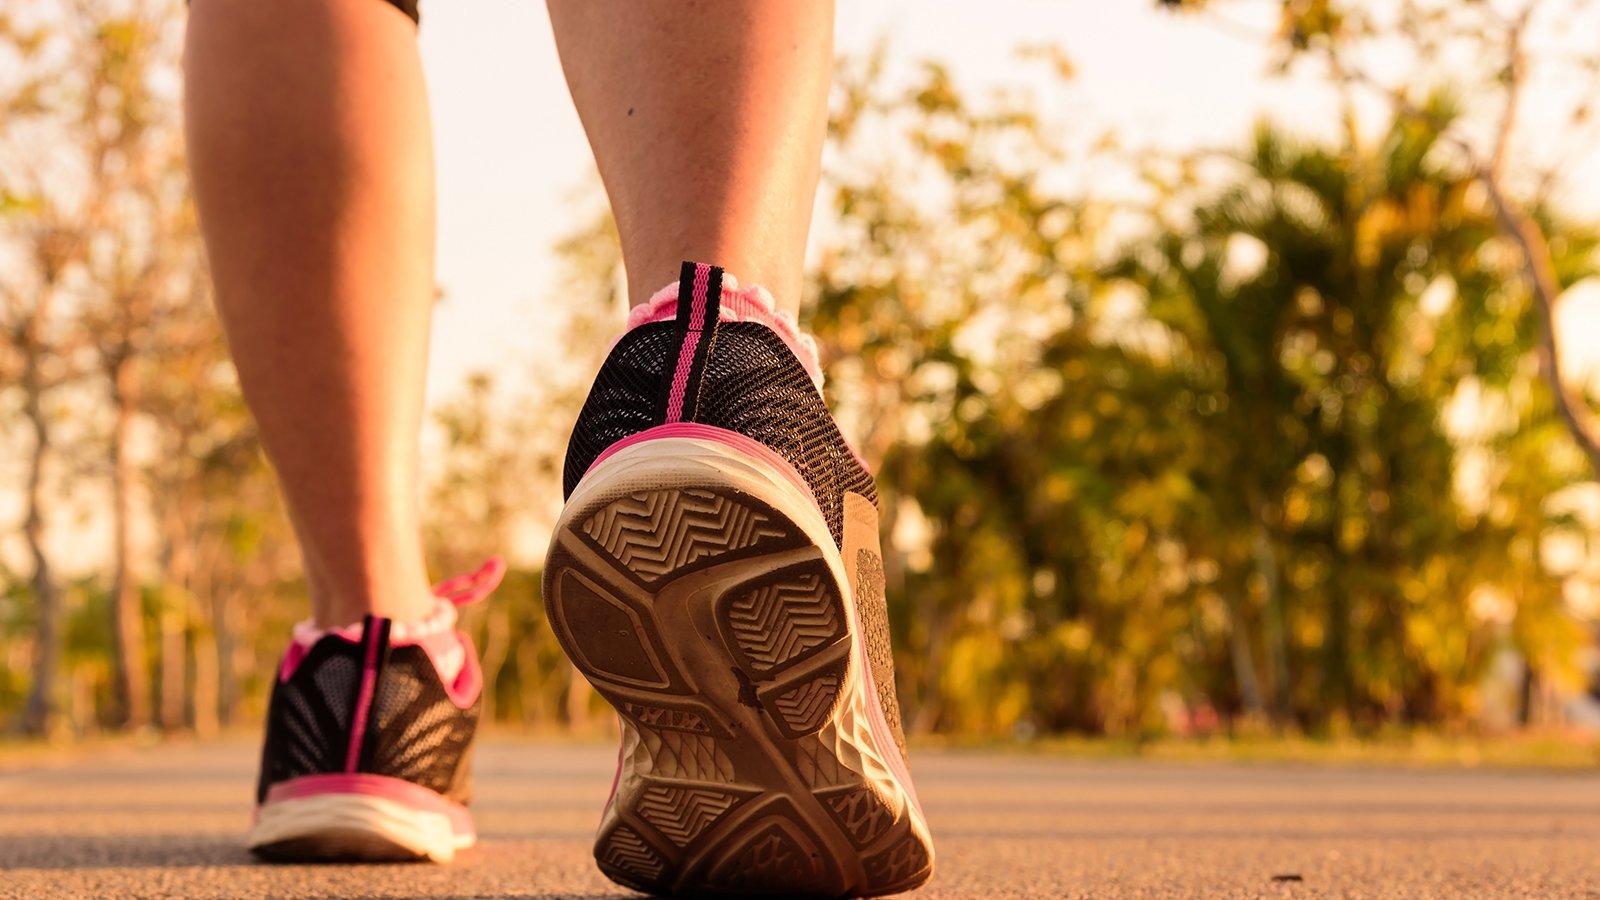 Scarpa di corridori che corrono sulla strada al parco pubblico